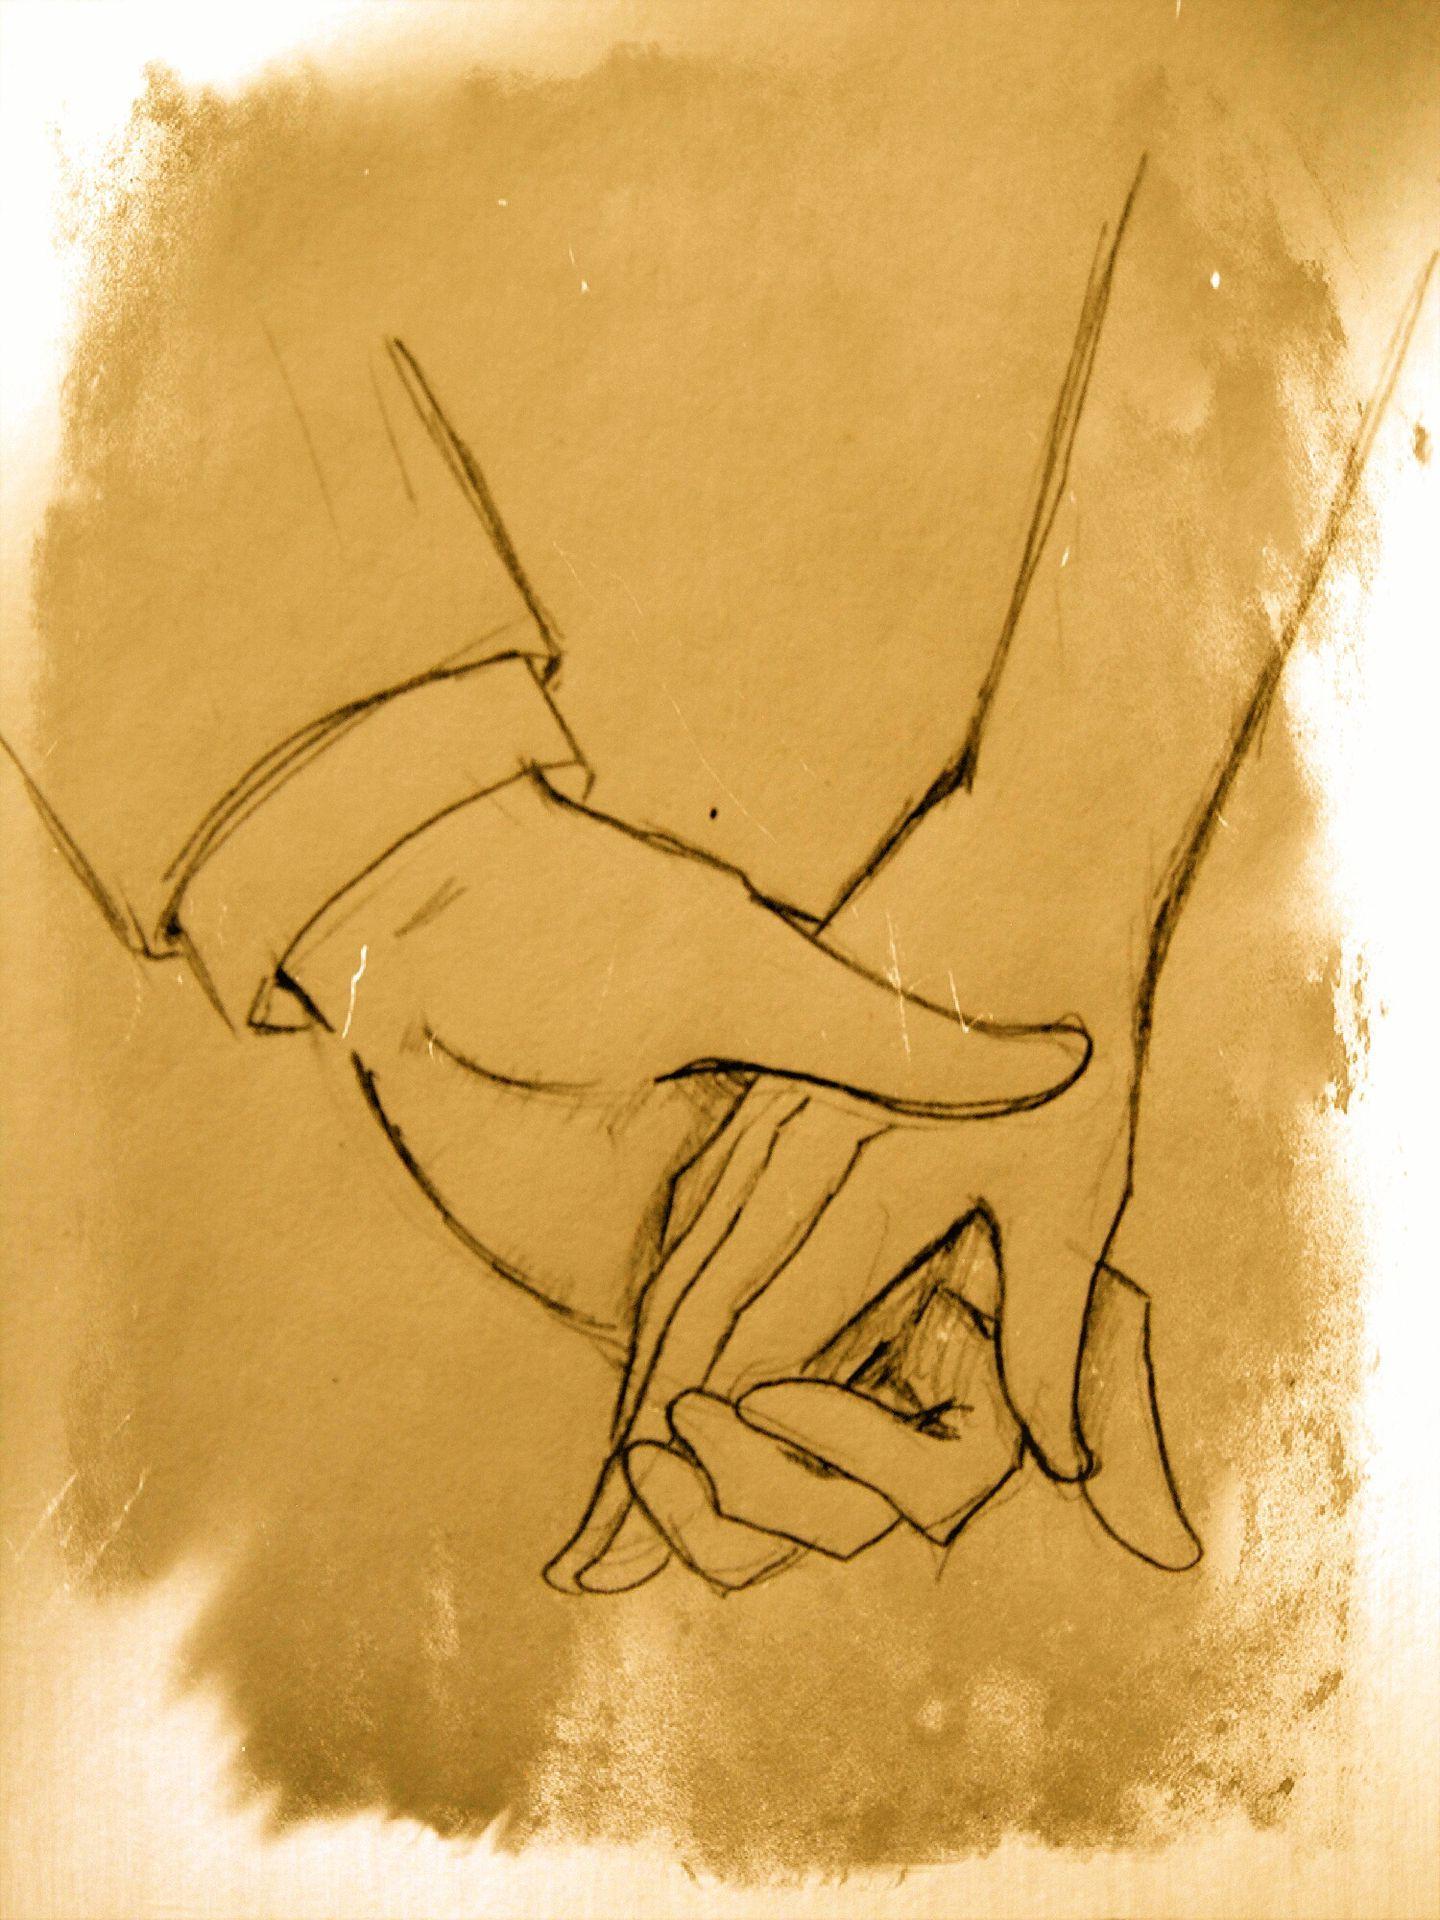 Levantó la mano que sostenía y la llevo a sus labios